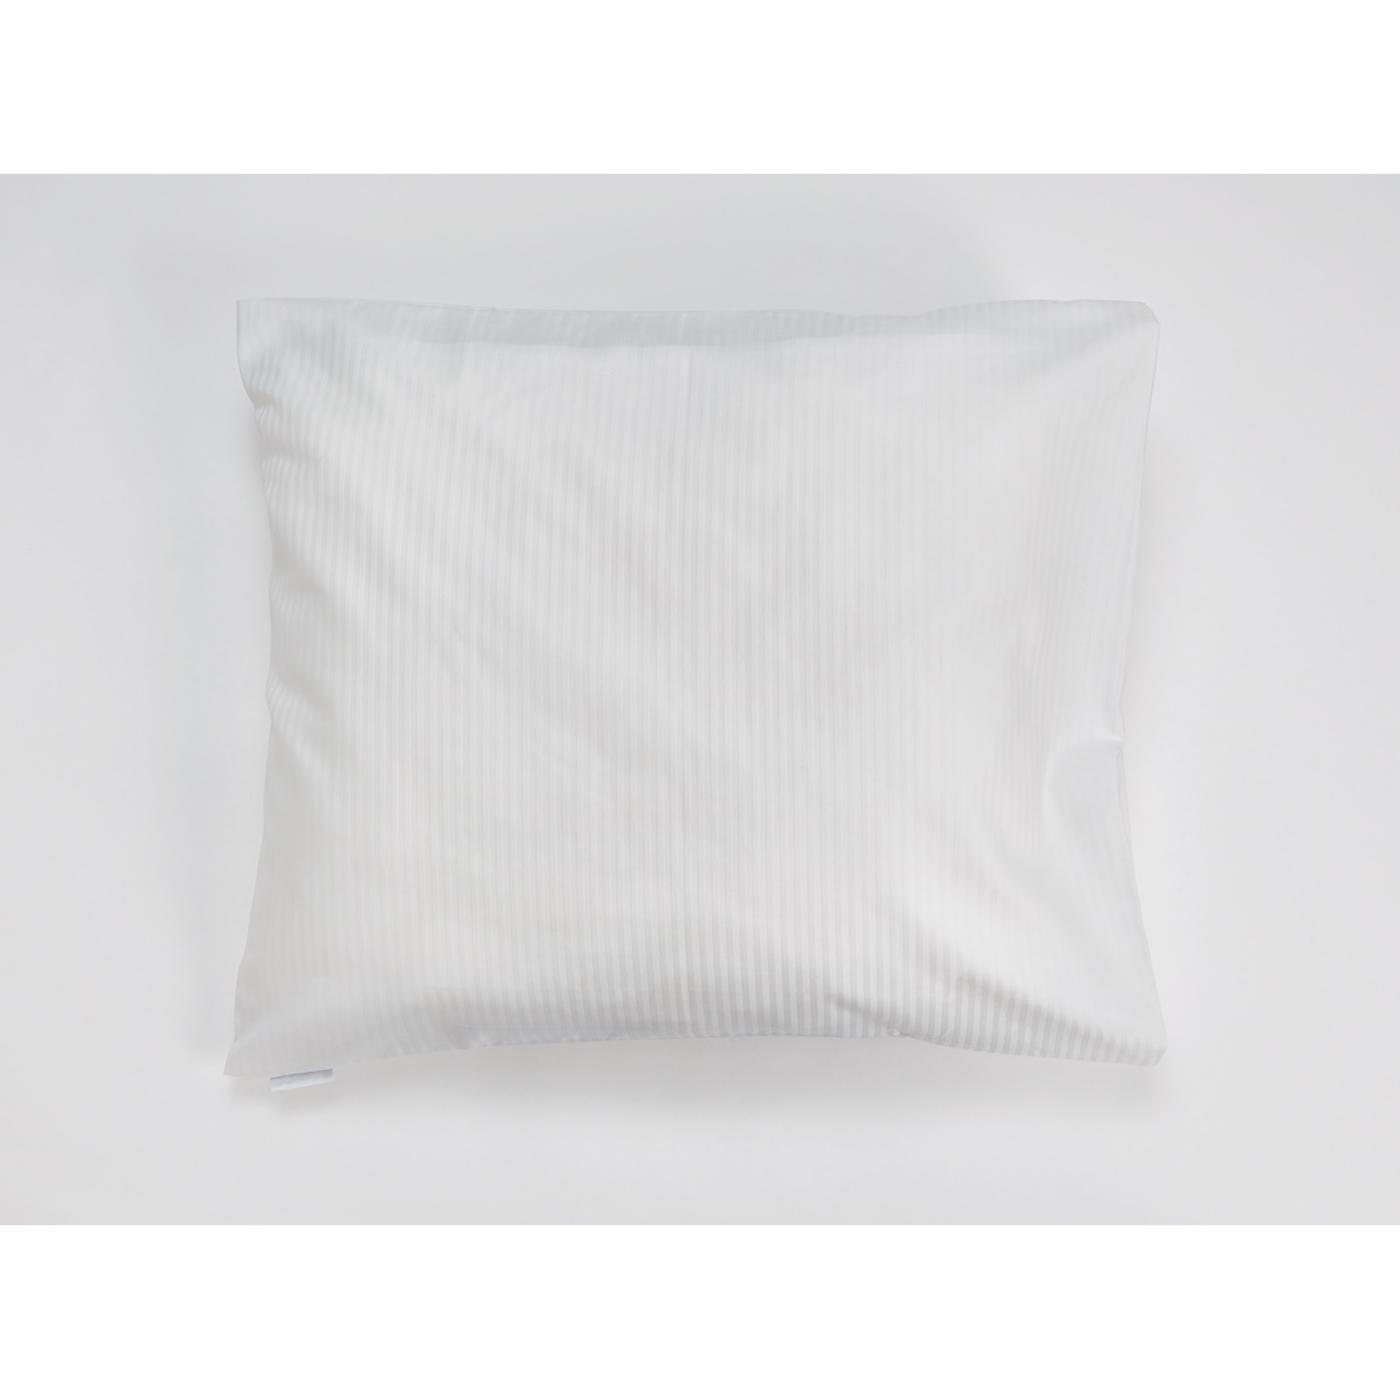 Snoooze cotton pillowcase (white)